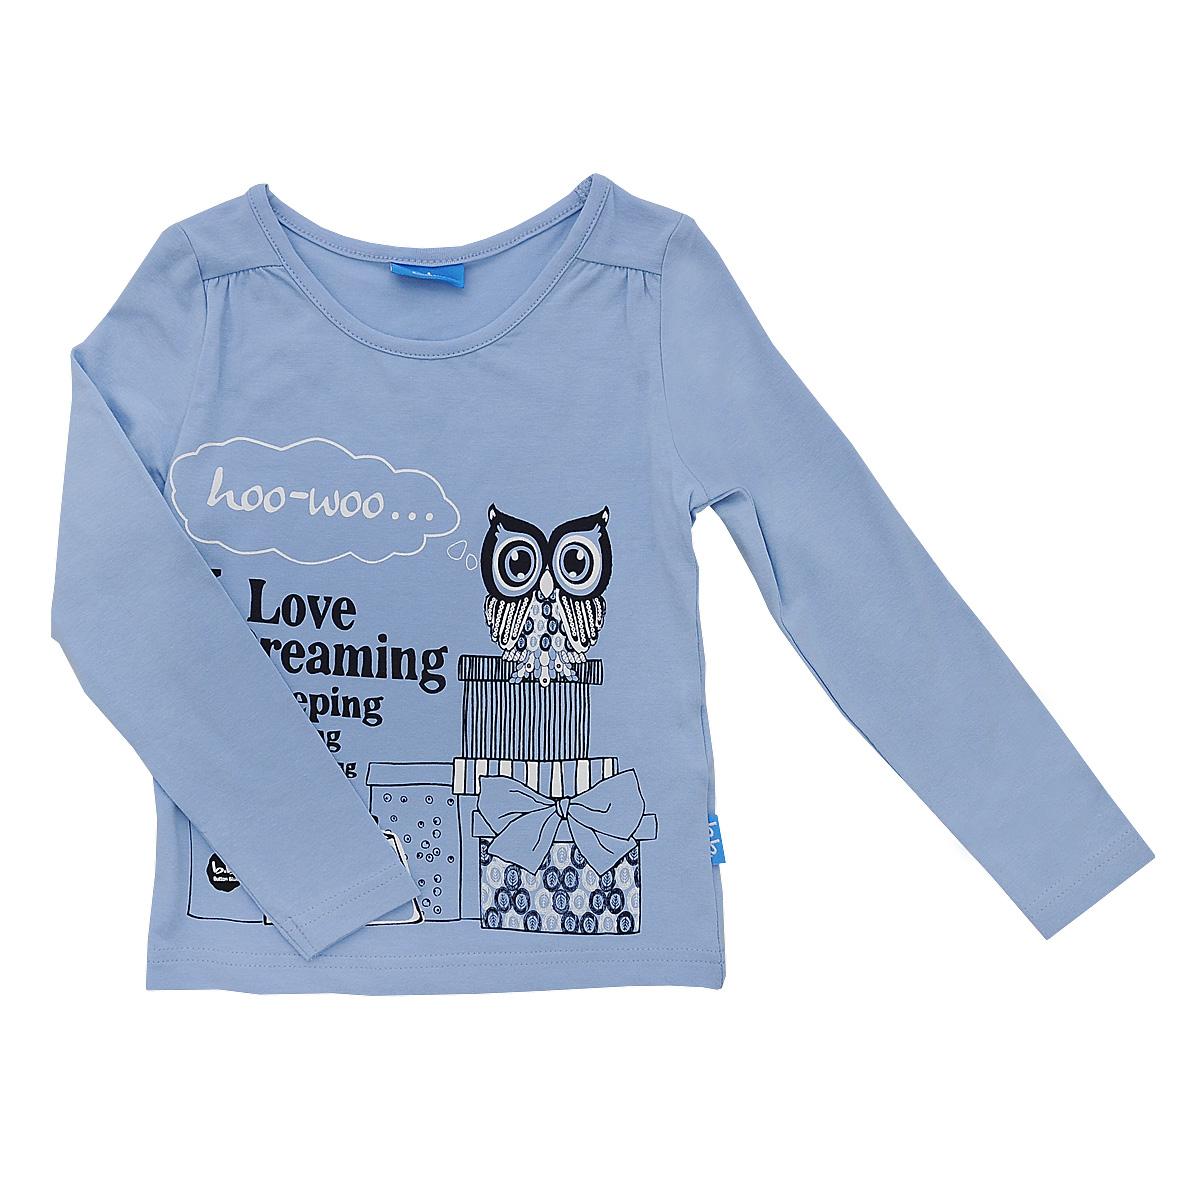 Футболка с длинным рукавом для девочки. 214BBGC1203214BBGC1203Стильная футболка с длинным рукавом для девочки Button Blue идеально подойдет вашей моднице. Изготовленная из эластичного хлопка, она мягкая и приятная на ощупь, не сковывает движения и позволяет коже дышать, не раздражает даже самую нежную и чувствительную кожу ребенка, обеспечивая ему наибольший комфорт. Футболка с длинными рукавами и круглым вырезом горловины спереди оформлена принтовой надписью и оригинальным принтом с изображением совы и покупок. На плечах имеются небольшие декоративные складочки. Оригинальный современный дизайн и модная расцветка делают эту футболку стильным предметом детского гардероба. В ней ваша принцесса будет чувствовать себя уютно и комфортно, и всегда будет в центре внимания!